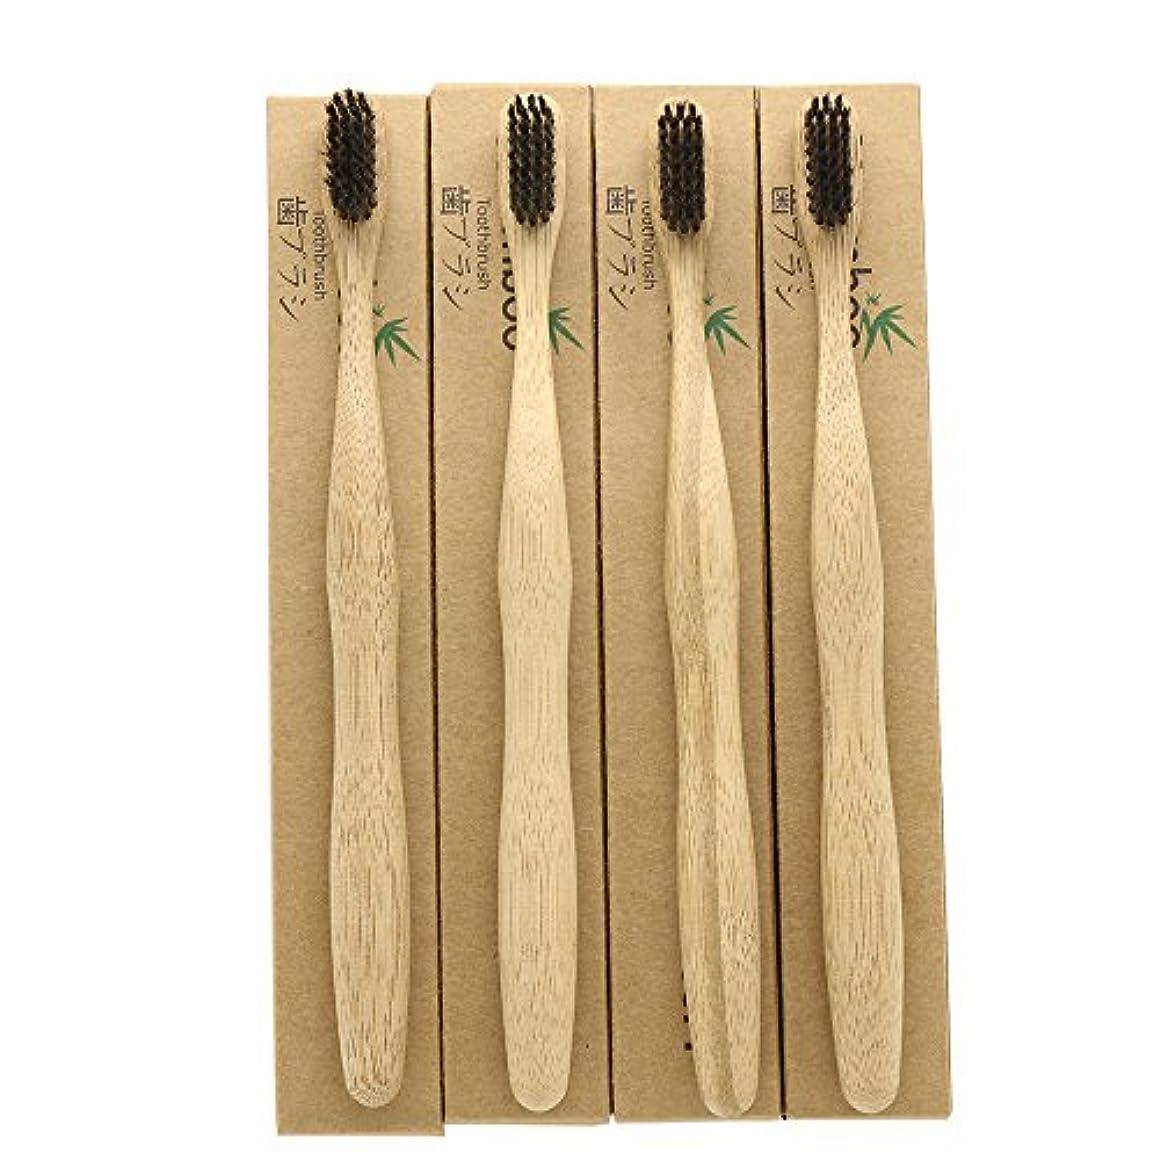 眠る蒸発する所有権N-amboo 竹製耐久度高い 歯ブラシ  黒い ハンドル大きい  4本入りセット